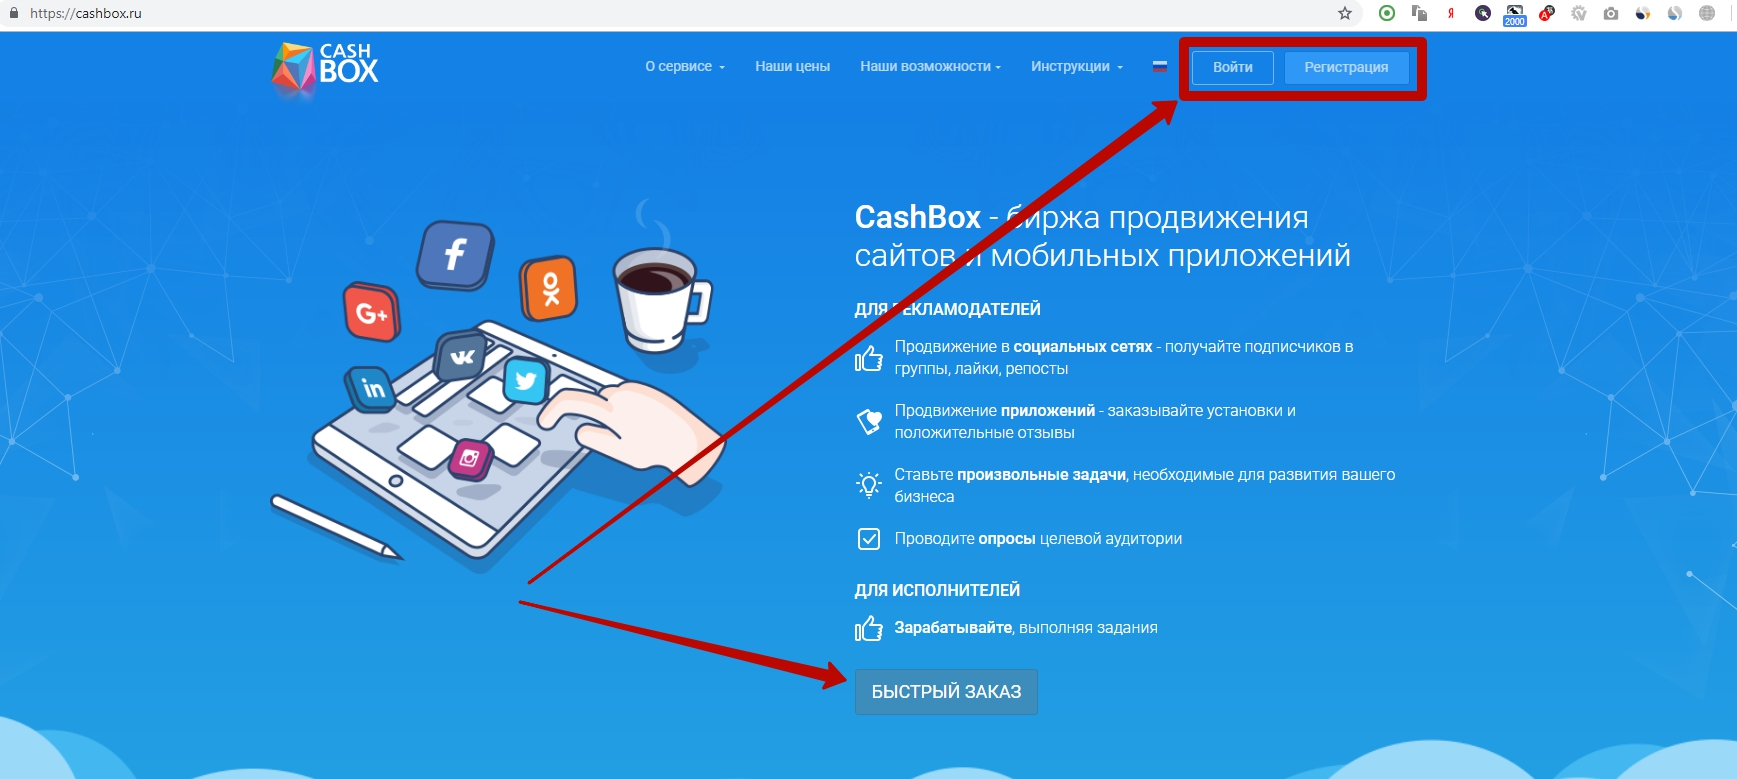 Иллюстрация на тему Накрутка лайков в Ютубе: бесплатная, платная, особенности